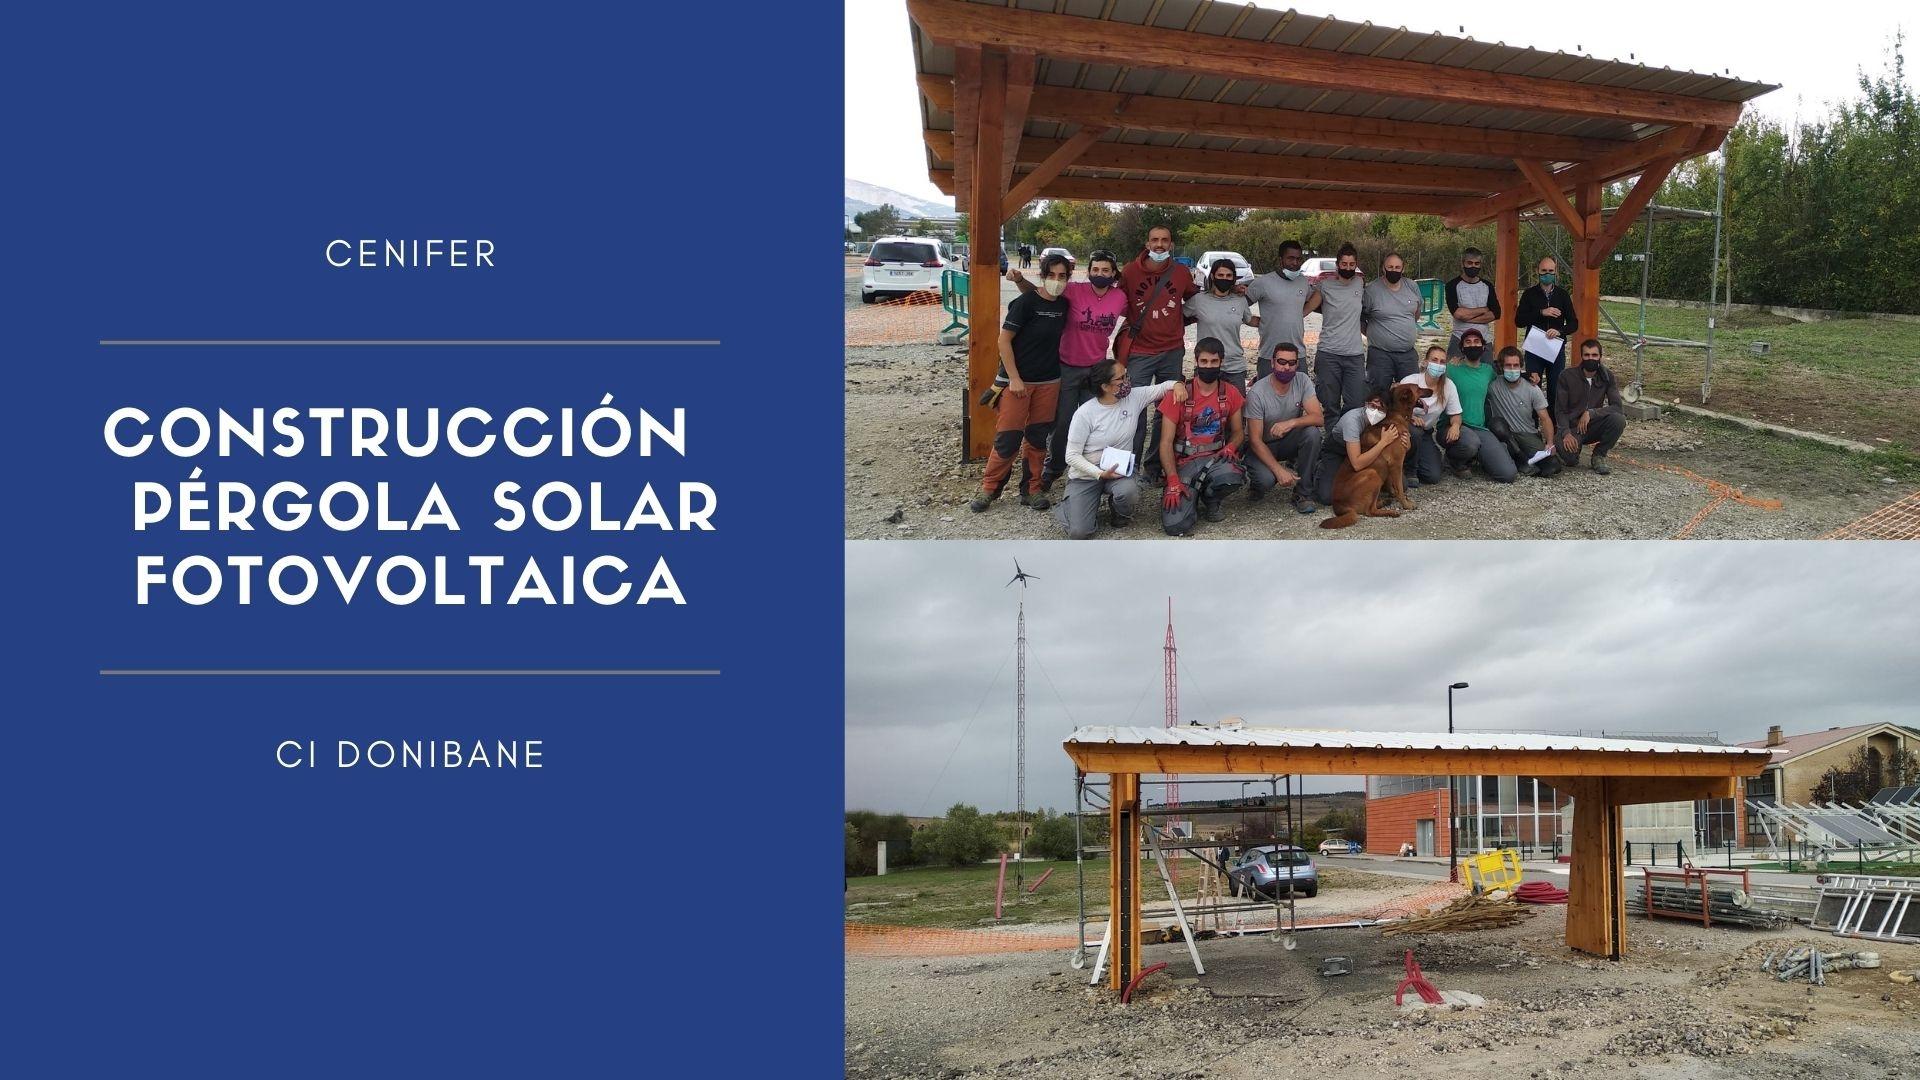 Cenifer-Curso Construcción de pérgola solar-fotovoltaica recarga vehiculos electricos octubre 2020